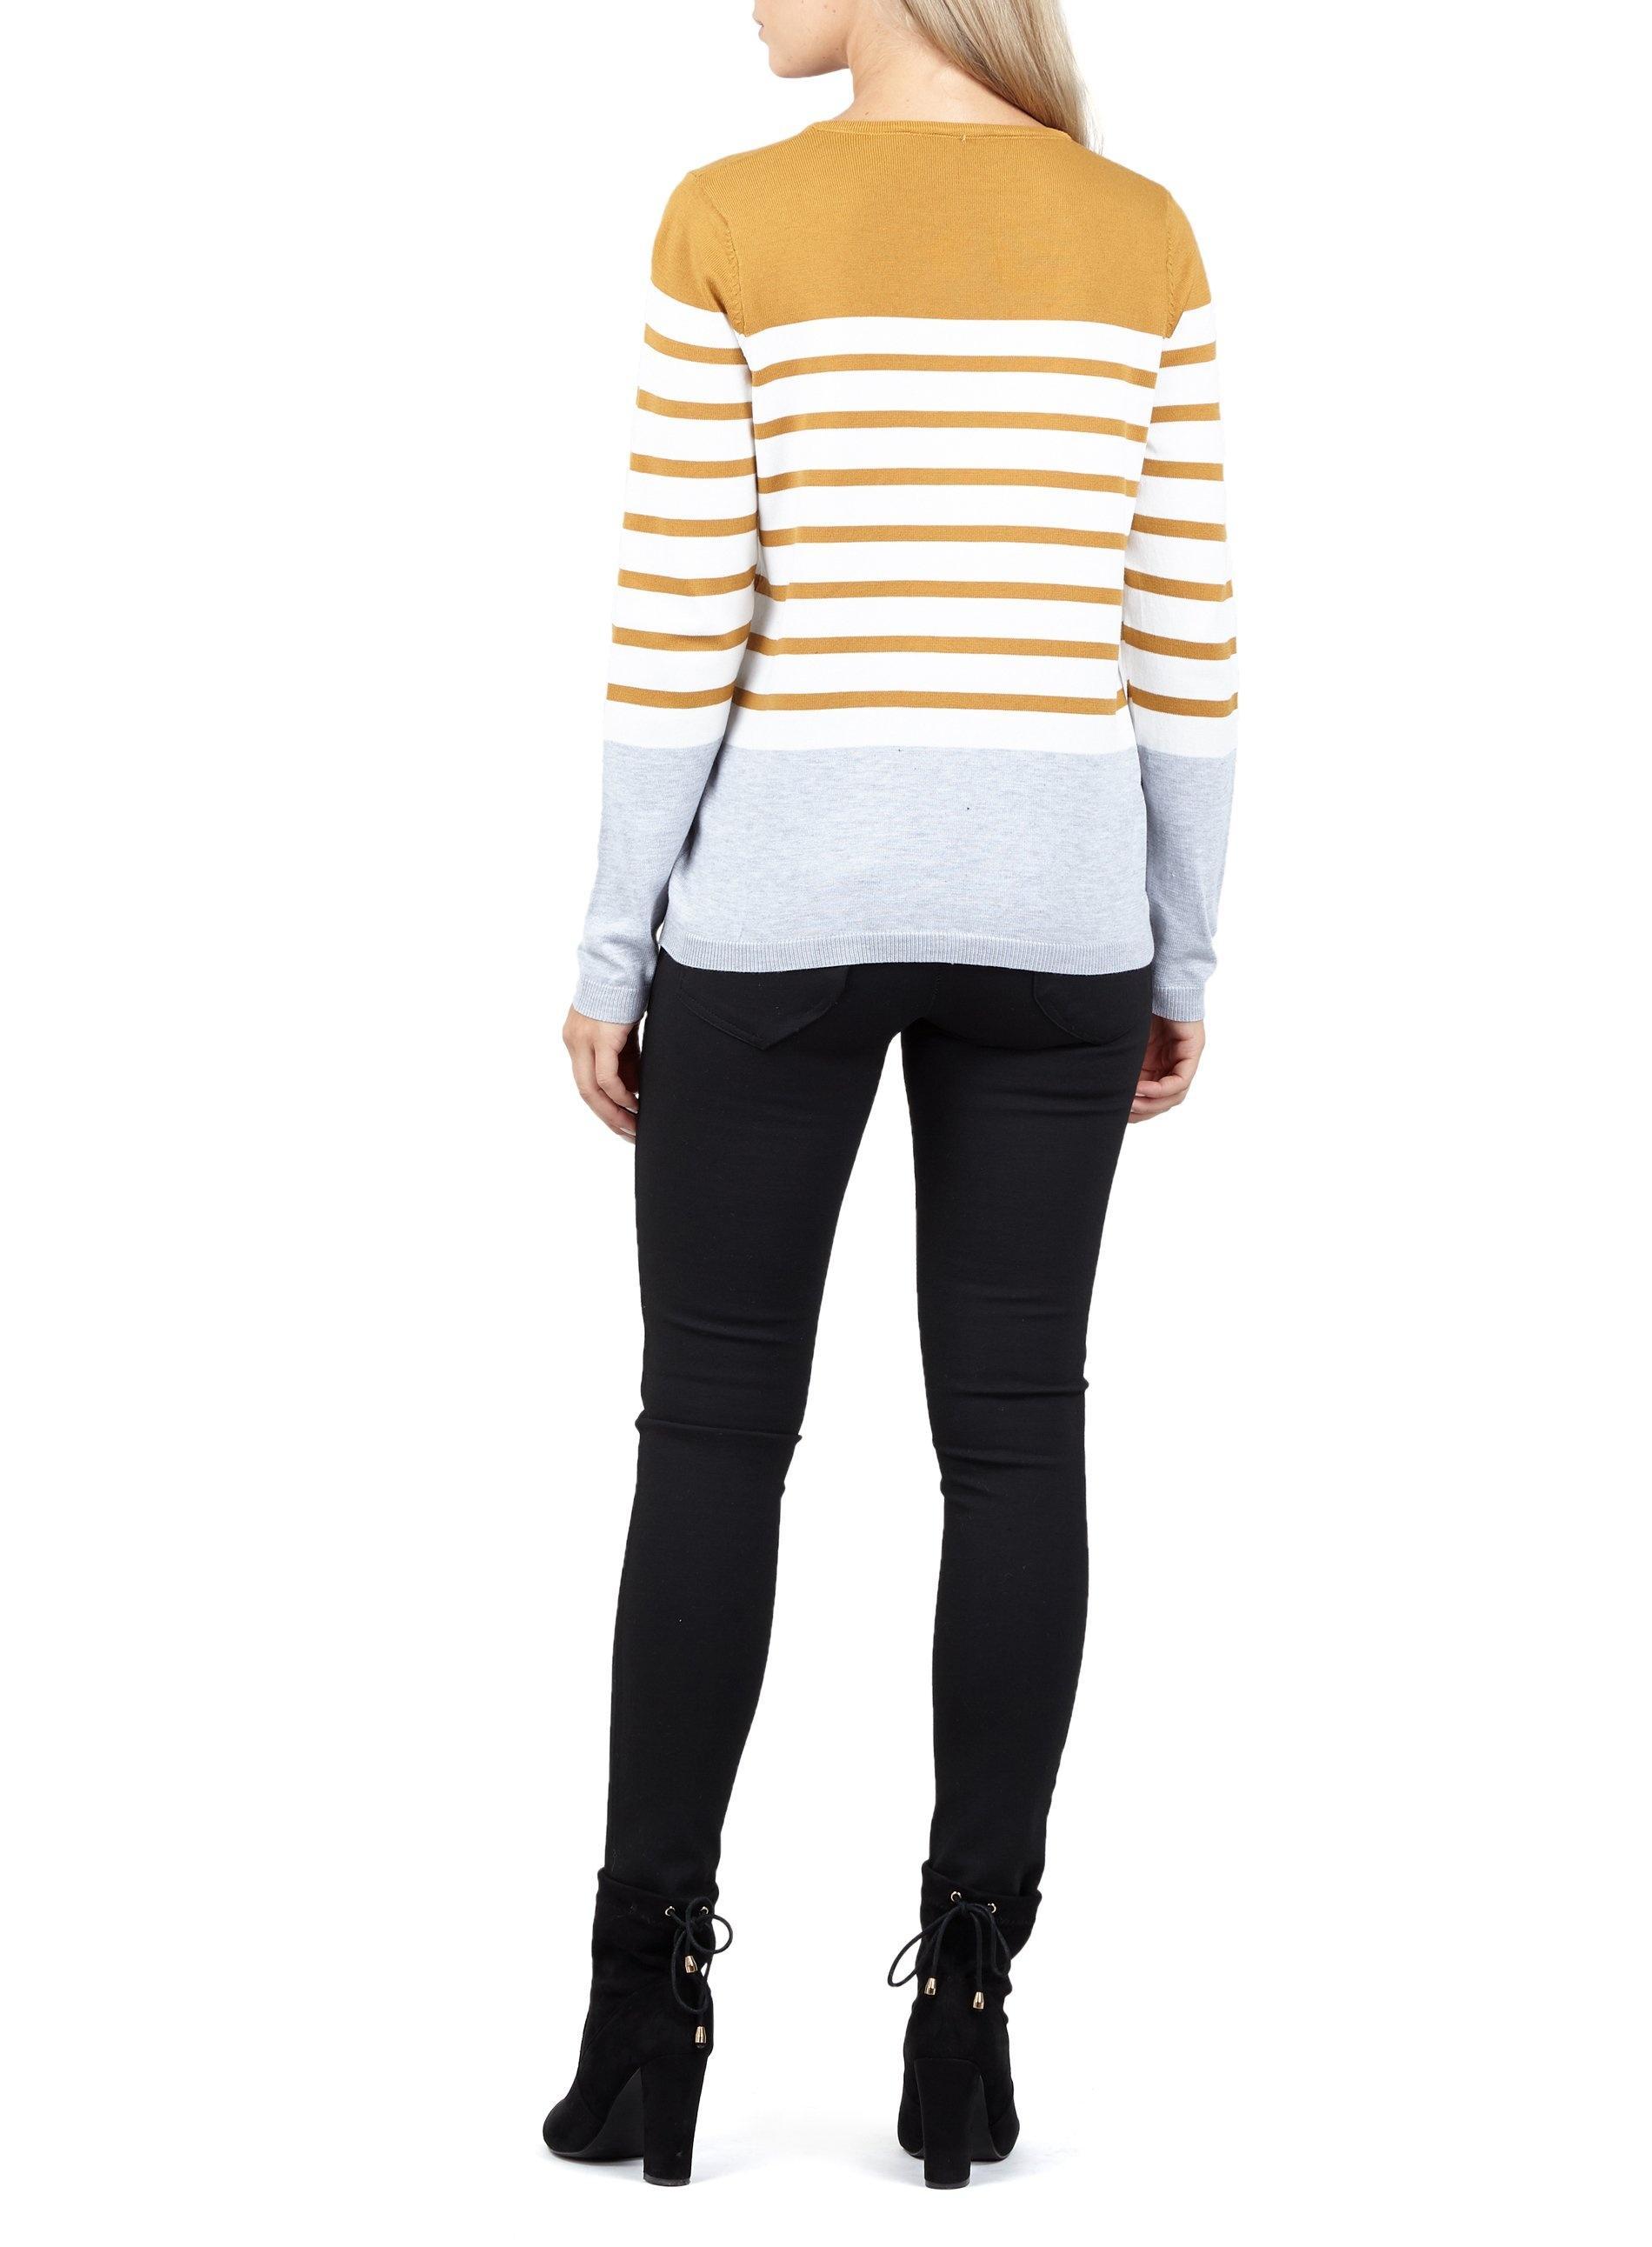 2fad4c12be1 Lyst - Dorothy Perkins Izabel London Mustard Striped Jumper